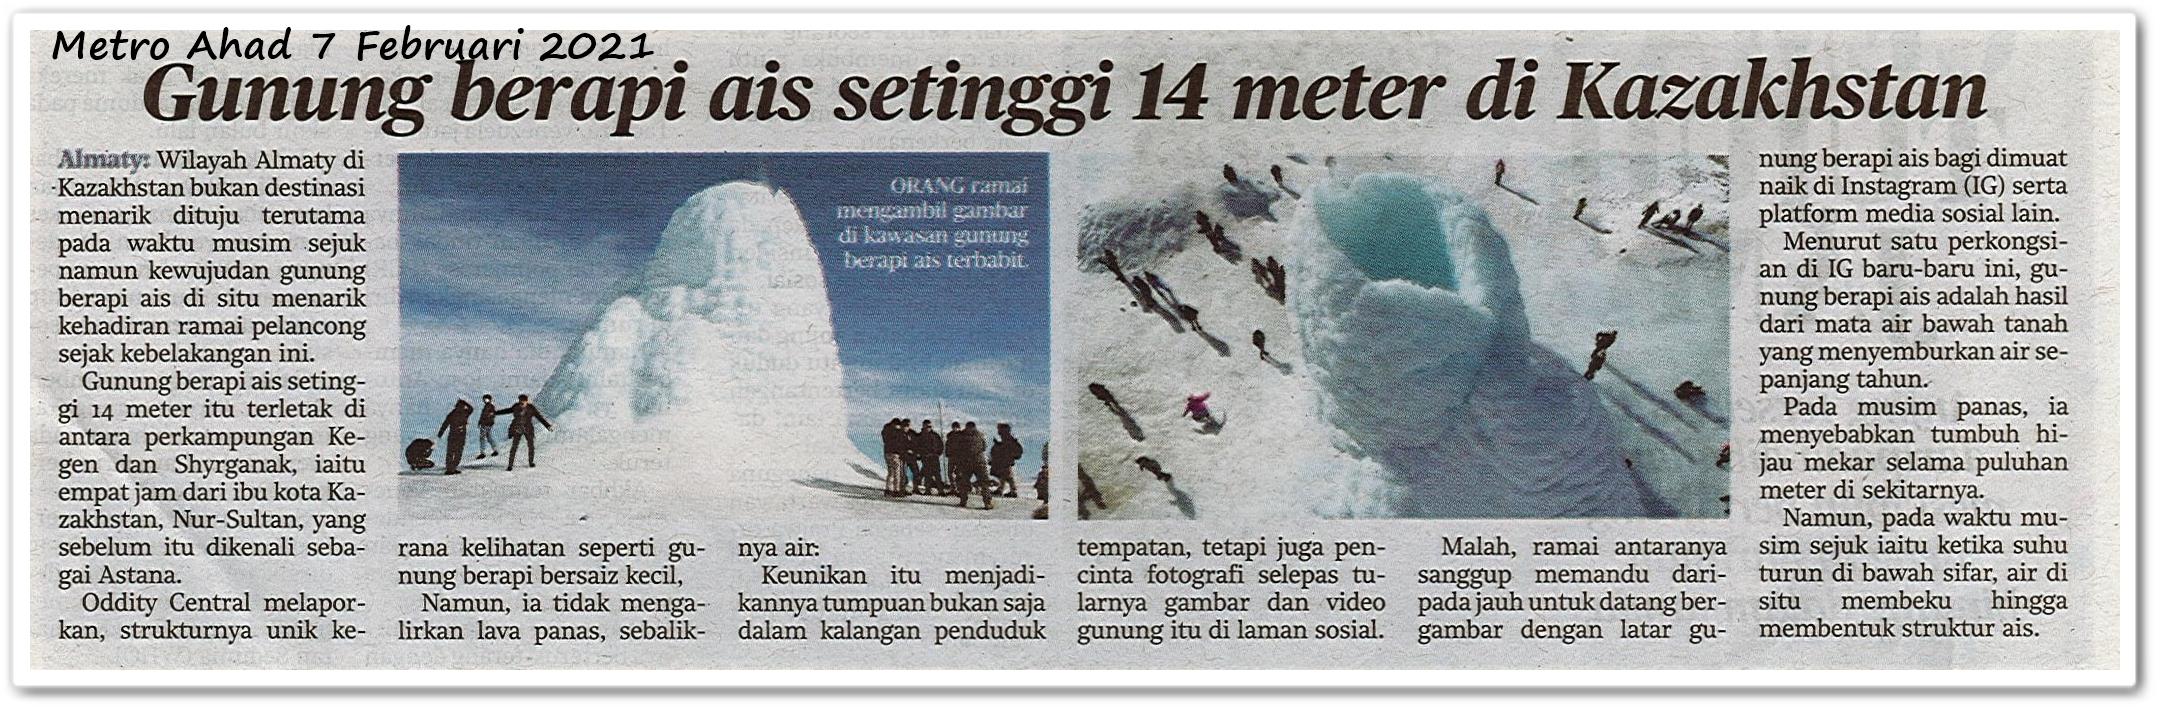 Gunung berapi ais setinggi 14 meter di Kazakhstan - Keratan akhbar Metro Ahad 7 Februari 2021